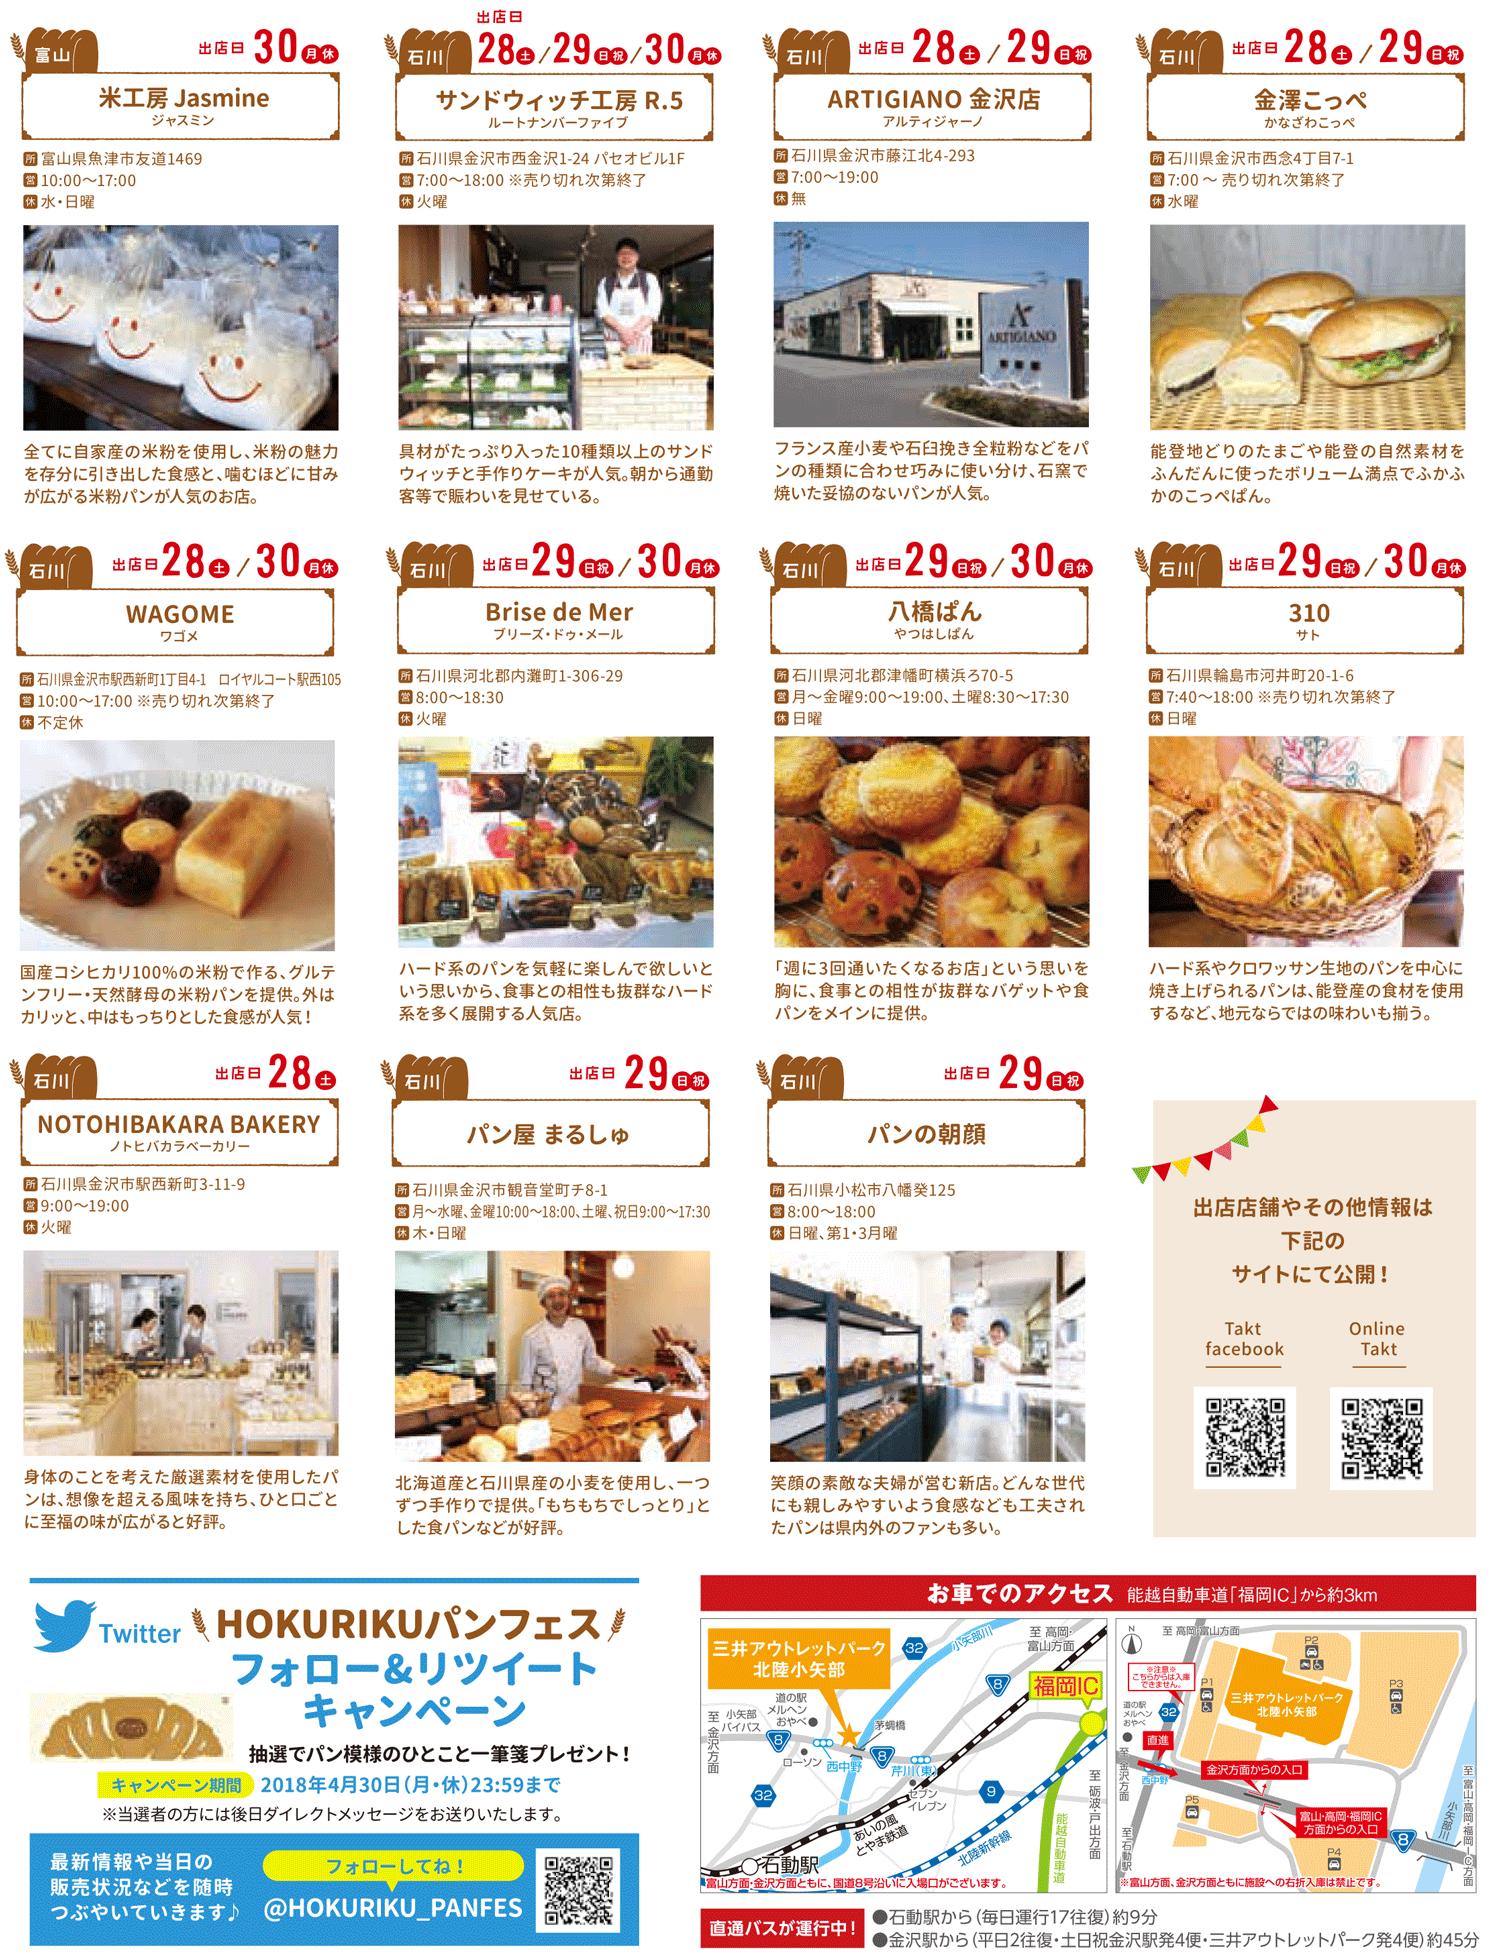 HOKURIKUパンフェス2018@三井アウトレットパーク、4/28出店のパン屋